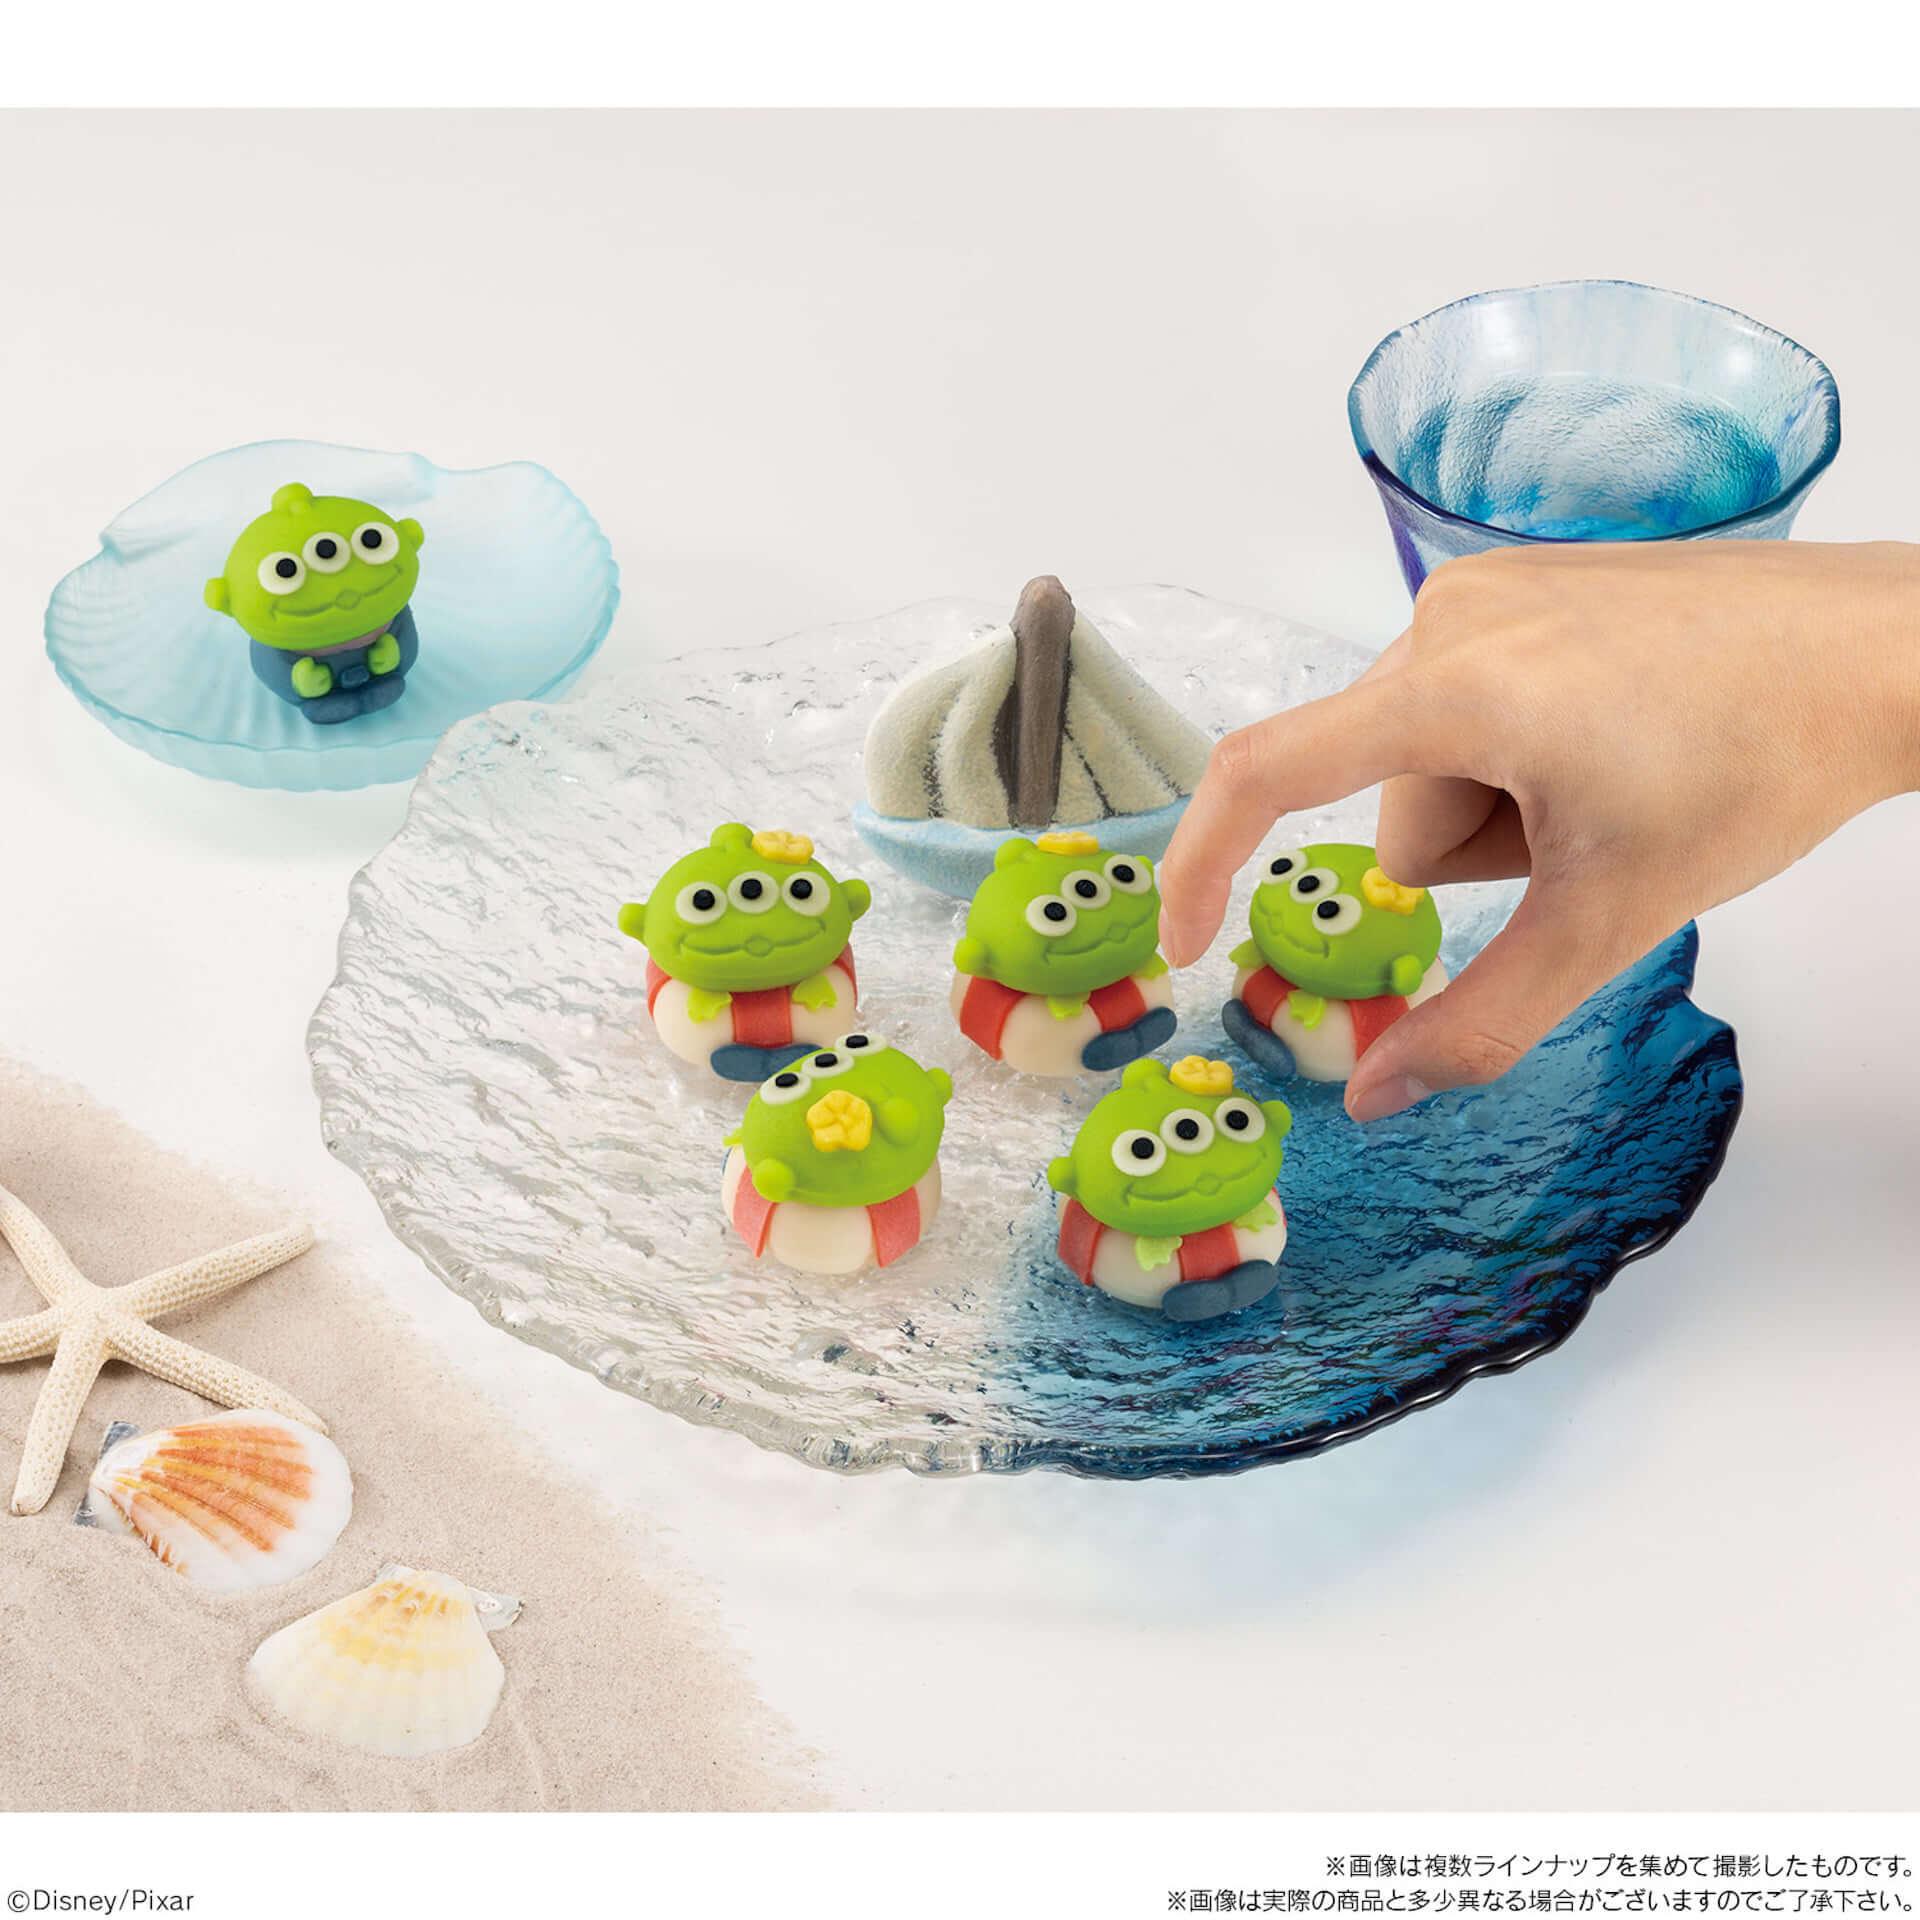 本日最新作が公開『トイストーリー』のエイリアンをモチーフにした可愛らしい和菓子が登場! gourmet190712_toystory_wagashi_3-1920x1920